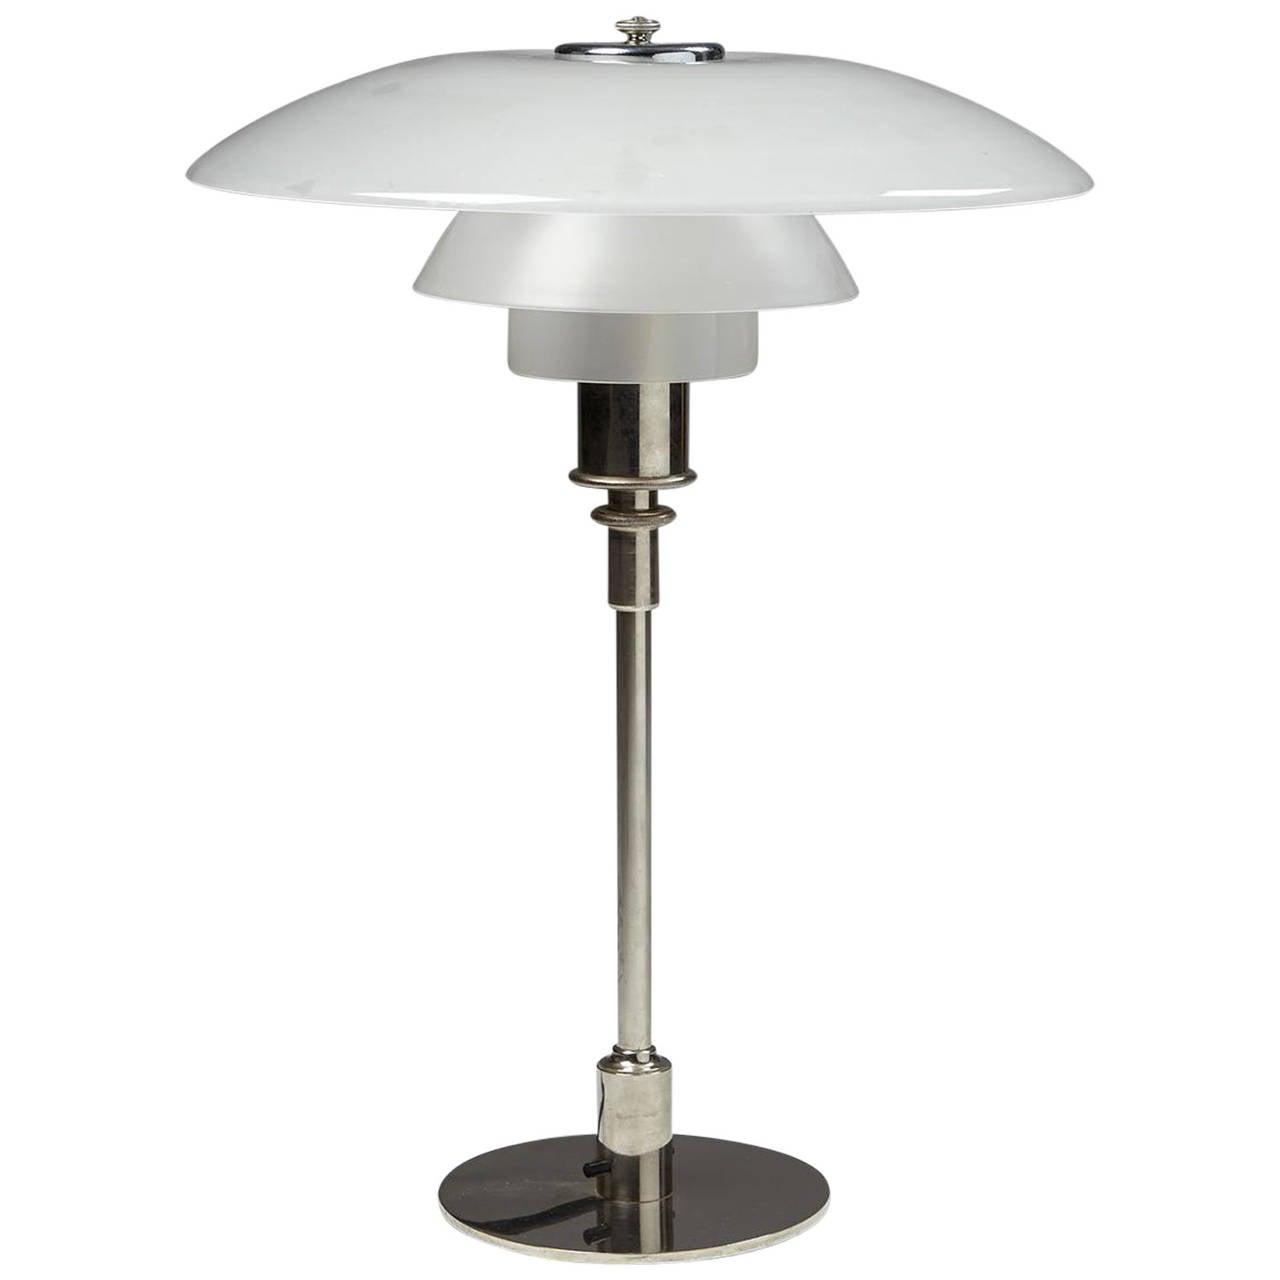 table lamp 4 3 designed by poul henningsen for louis poulsen denmark 1926 for sale at 1stdibs. Black Bedroom Furniture Sets. Home Design Ideas